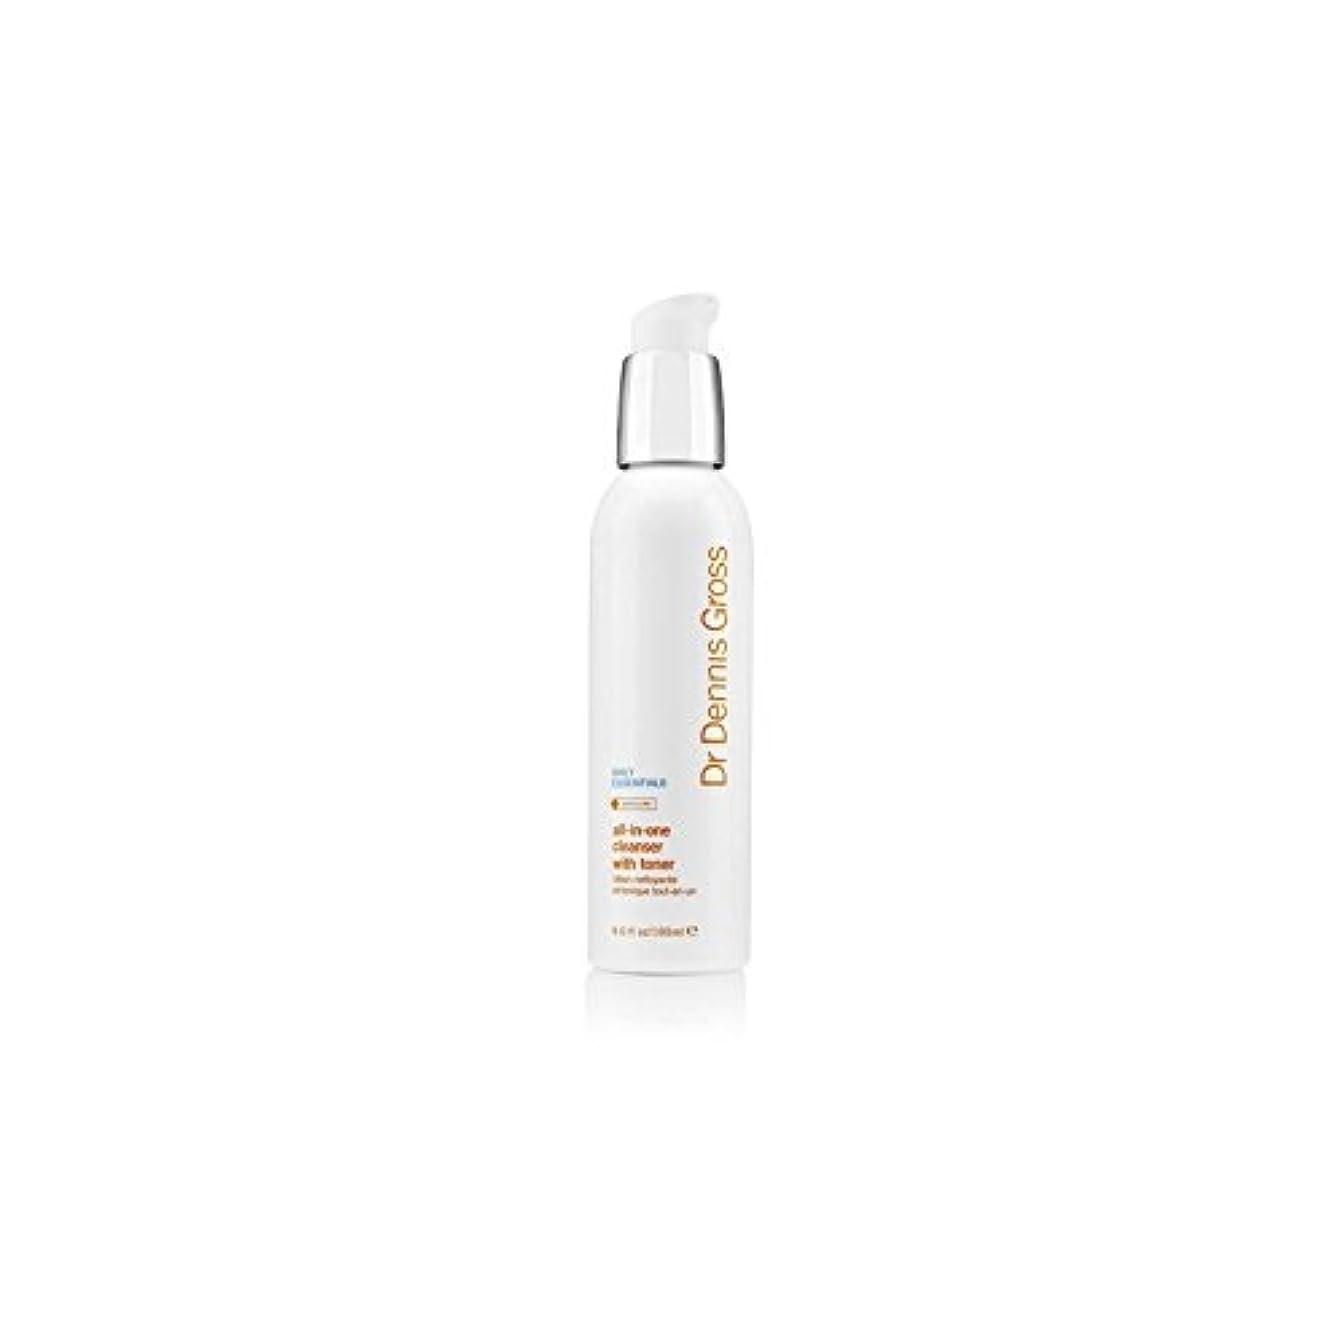 起訴する近代化ダイジェストデニスグロスオールインワントナー(180ミリリットル)とフェイシャルクレンザー x2 - Dr Dennis Gross All-In-One Facial Cleanser With Toner (180ml) (Pack...